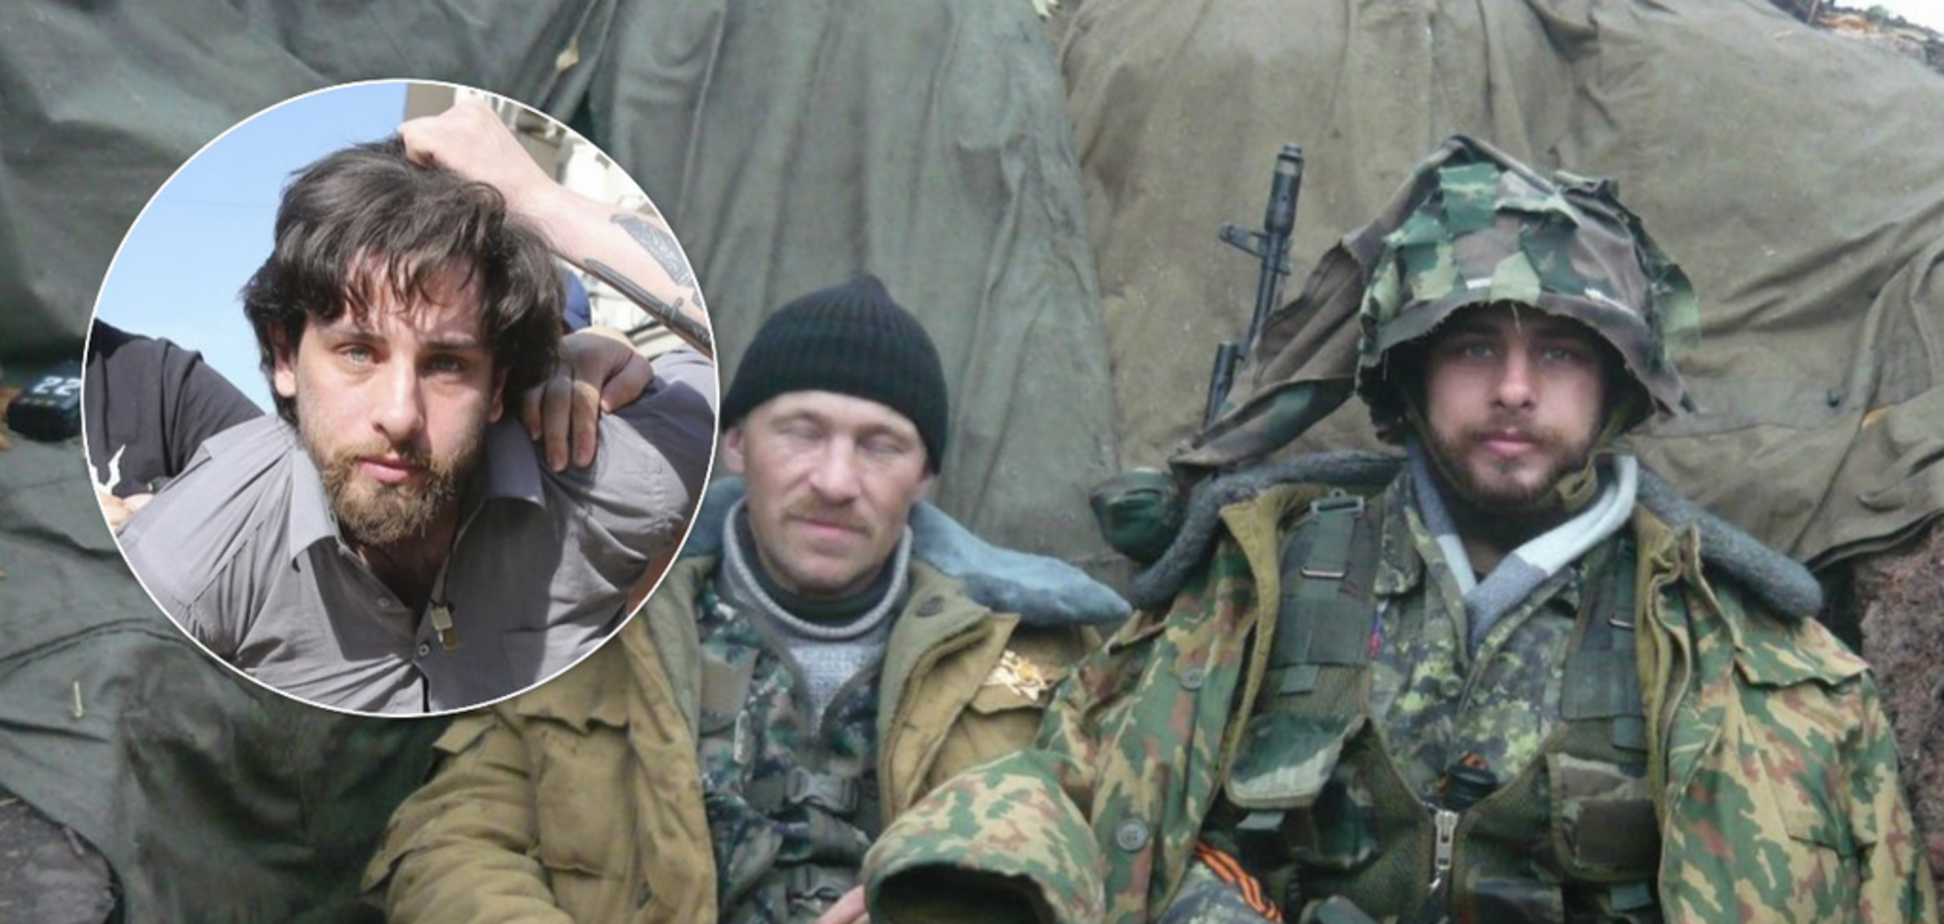 Україна віддала терористам бразильського найманця Лусваргі, що воював на їхньому боці